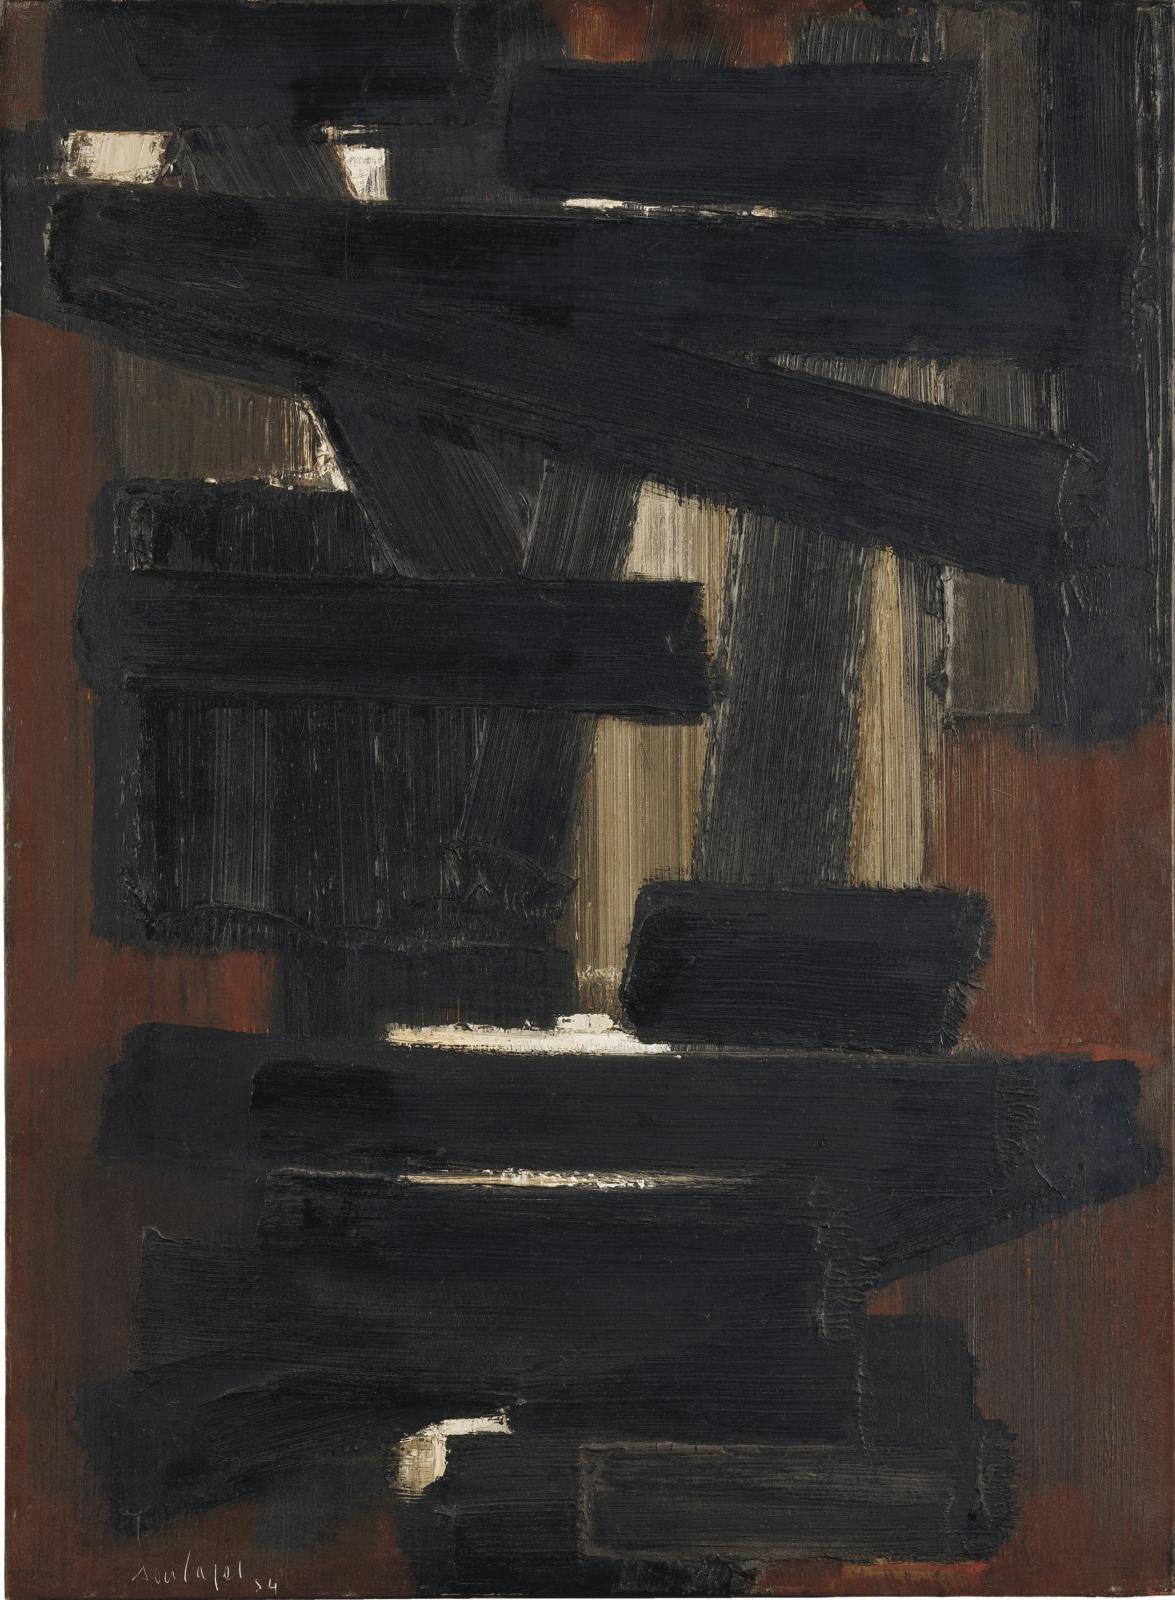 Pierre Soulages (né en 1919), Peinture 73x54cm, 28mai 1954, huile sur toile, 73x54cm. Galerie Brame & Lorenceau, Paris. Courtesy Galerie Brame